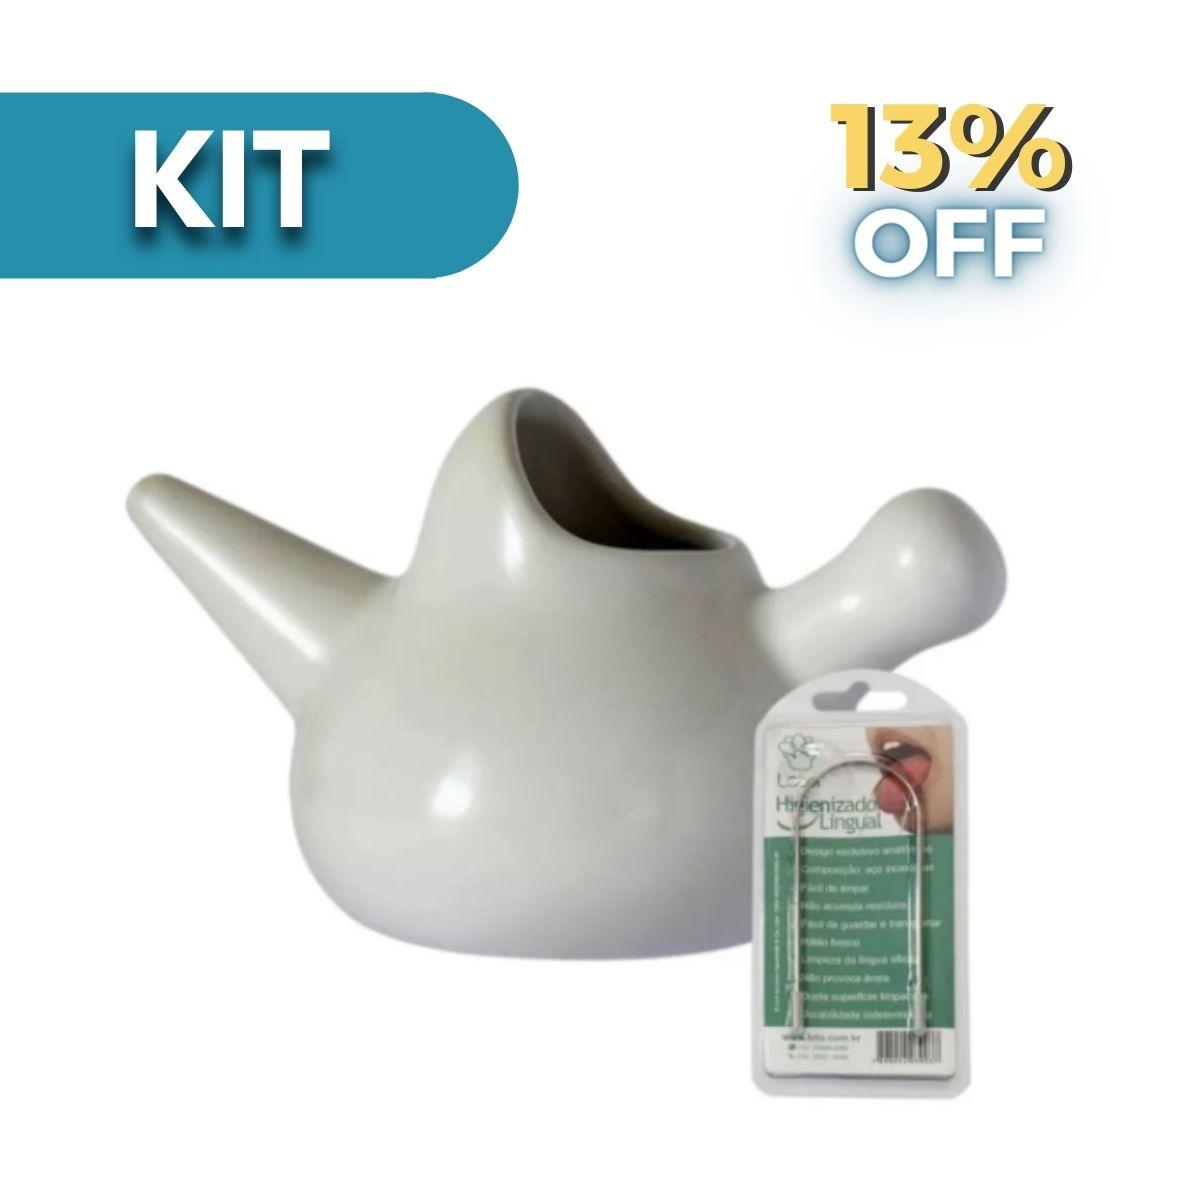 Kit Limpeza Natural: Lota + Higienizador Lingual